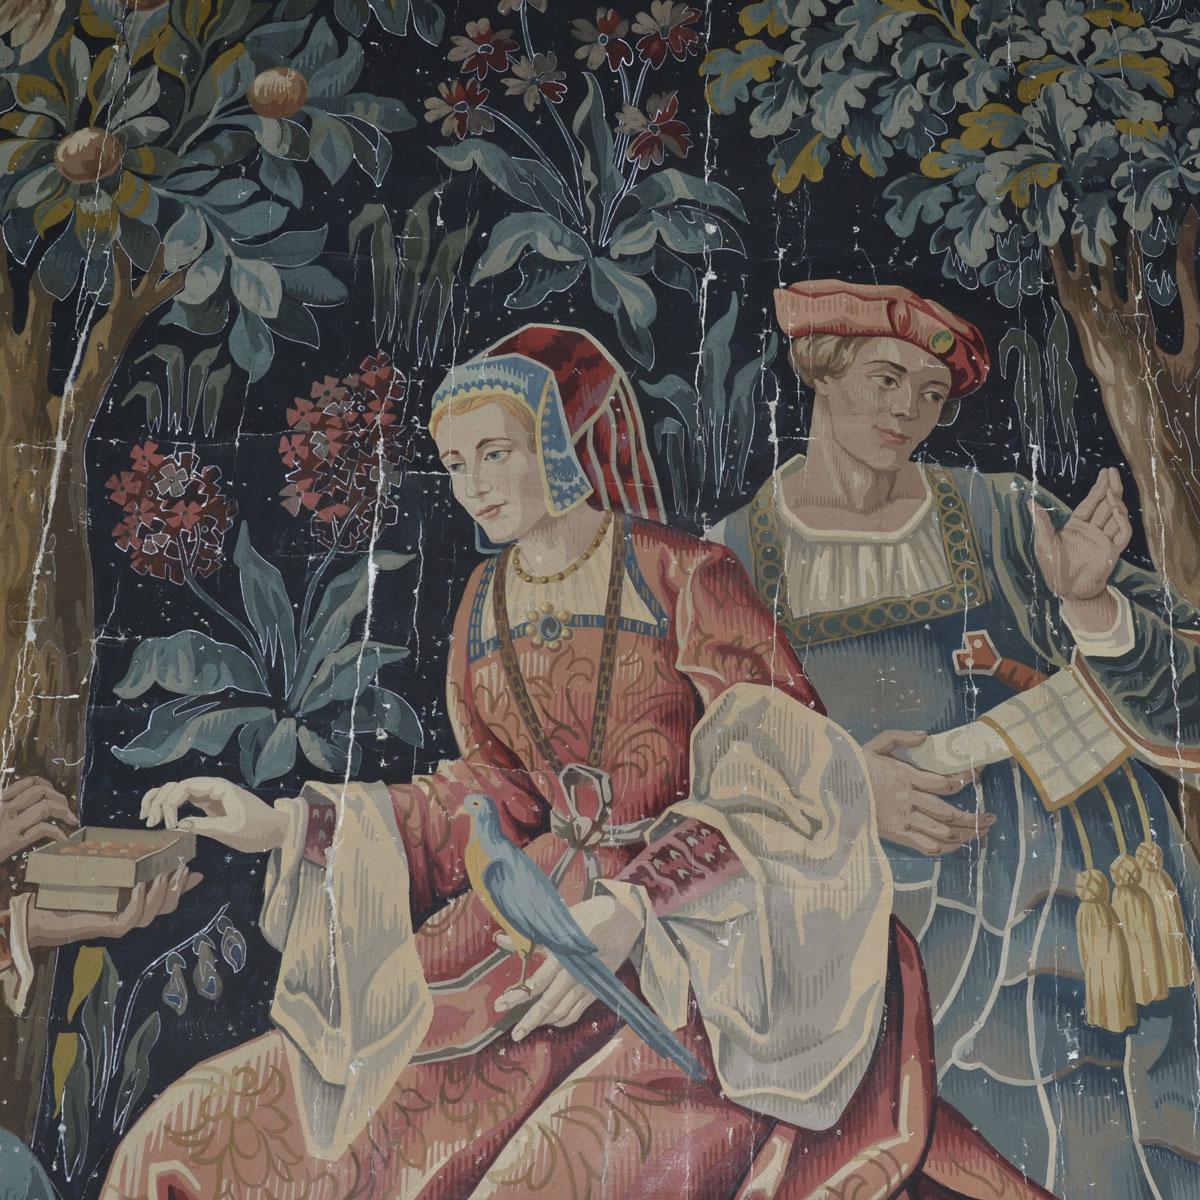 carton-de-tapisserie-aubusson-alvy-collection-michele-zanoni-milano-000036